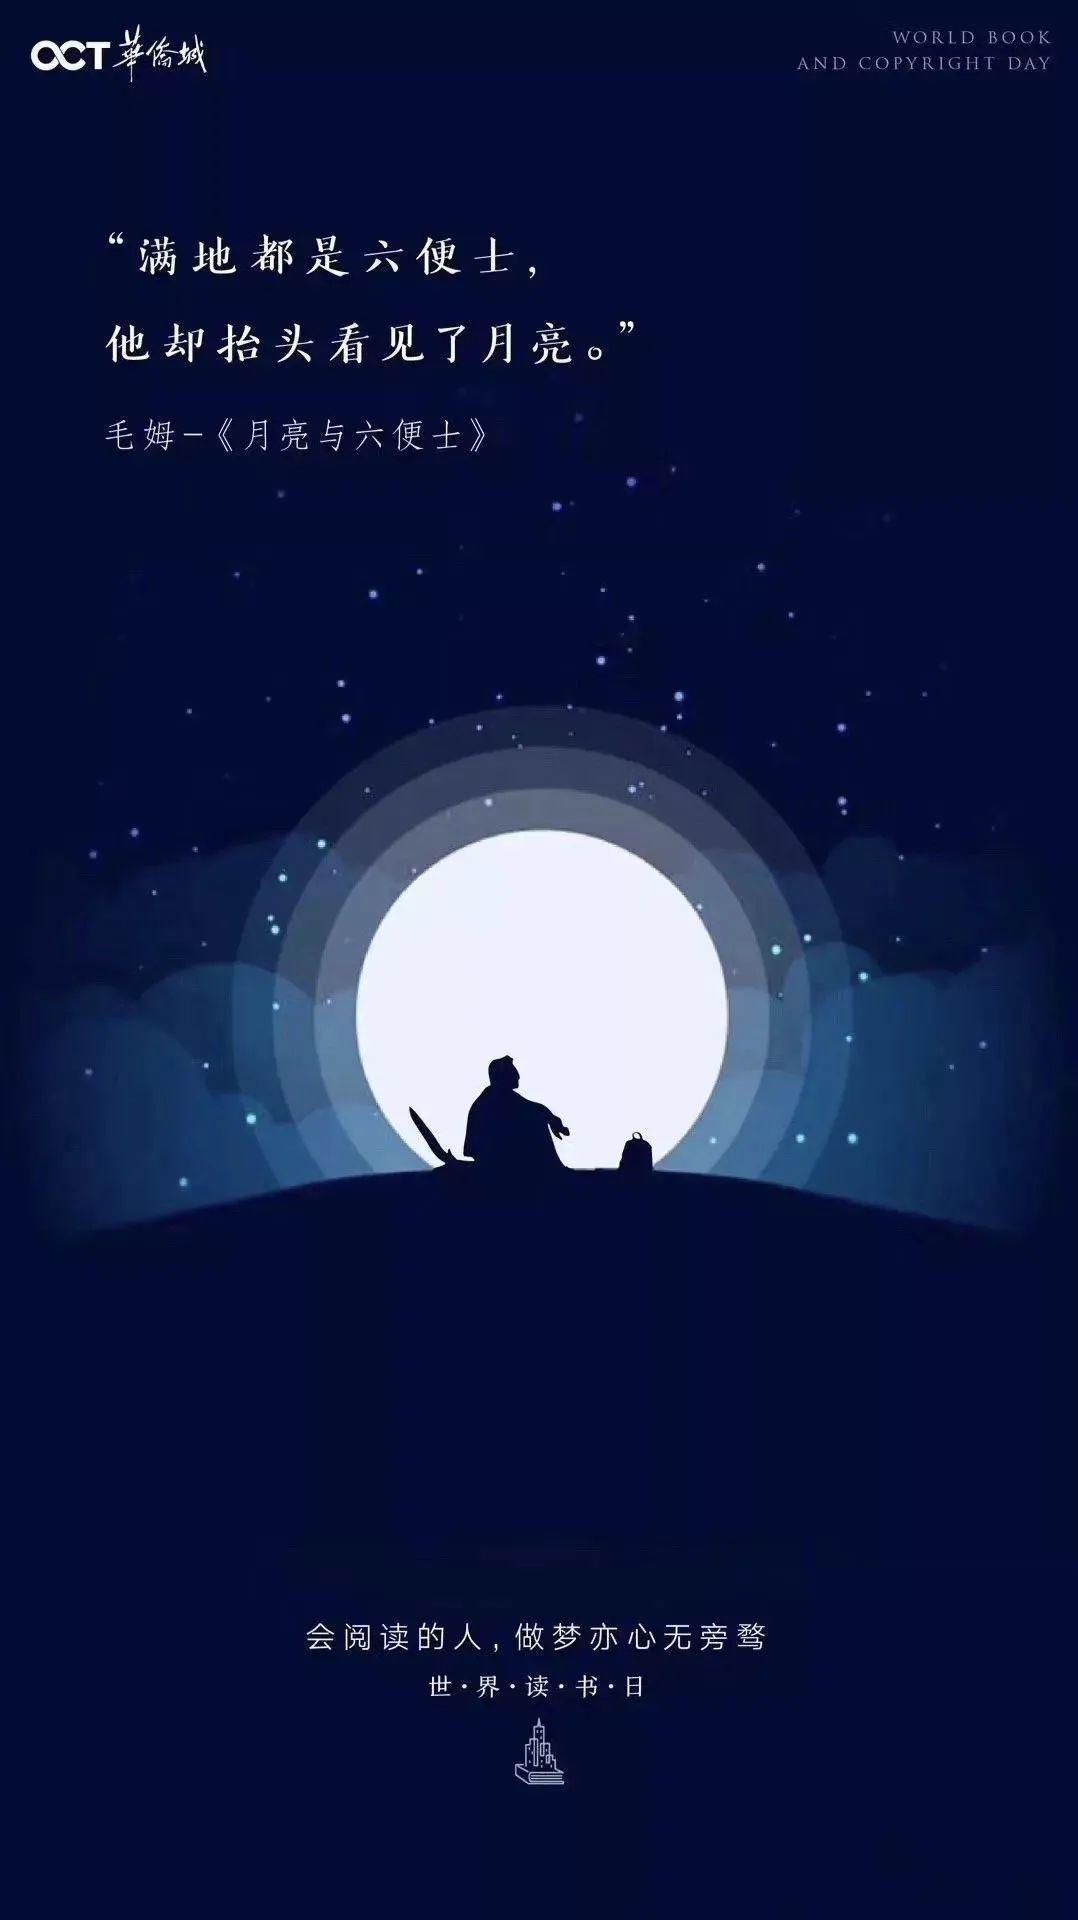 世界读书日文案海报欣赏:别给自己的懒惰找借口!插图10